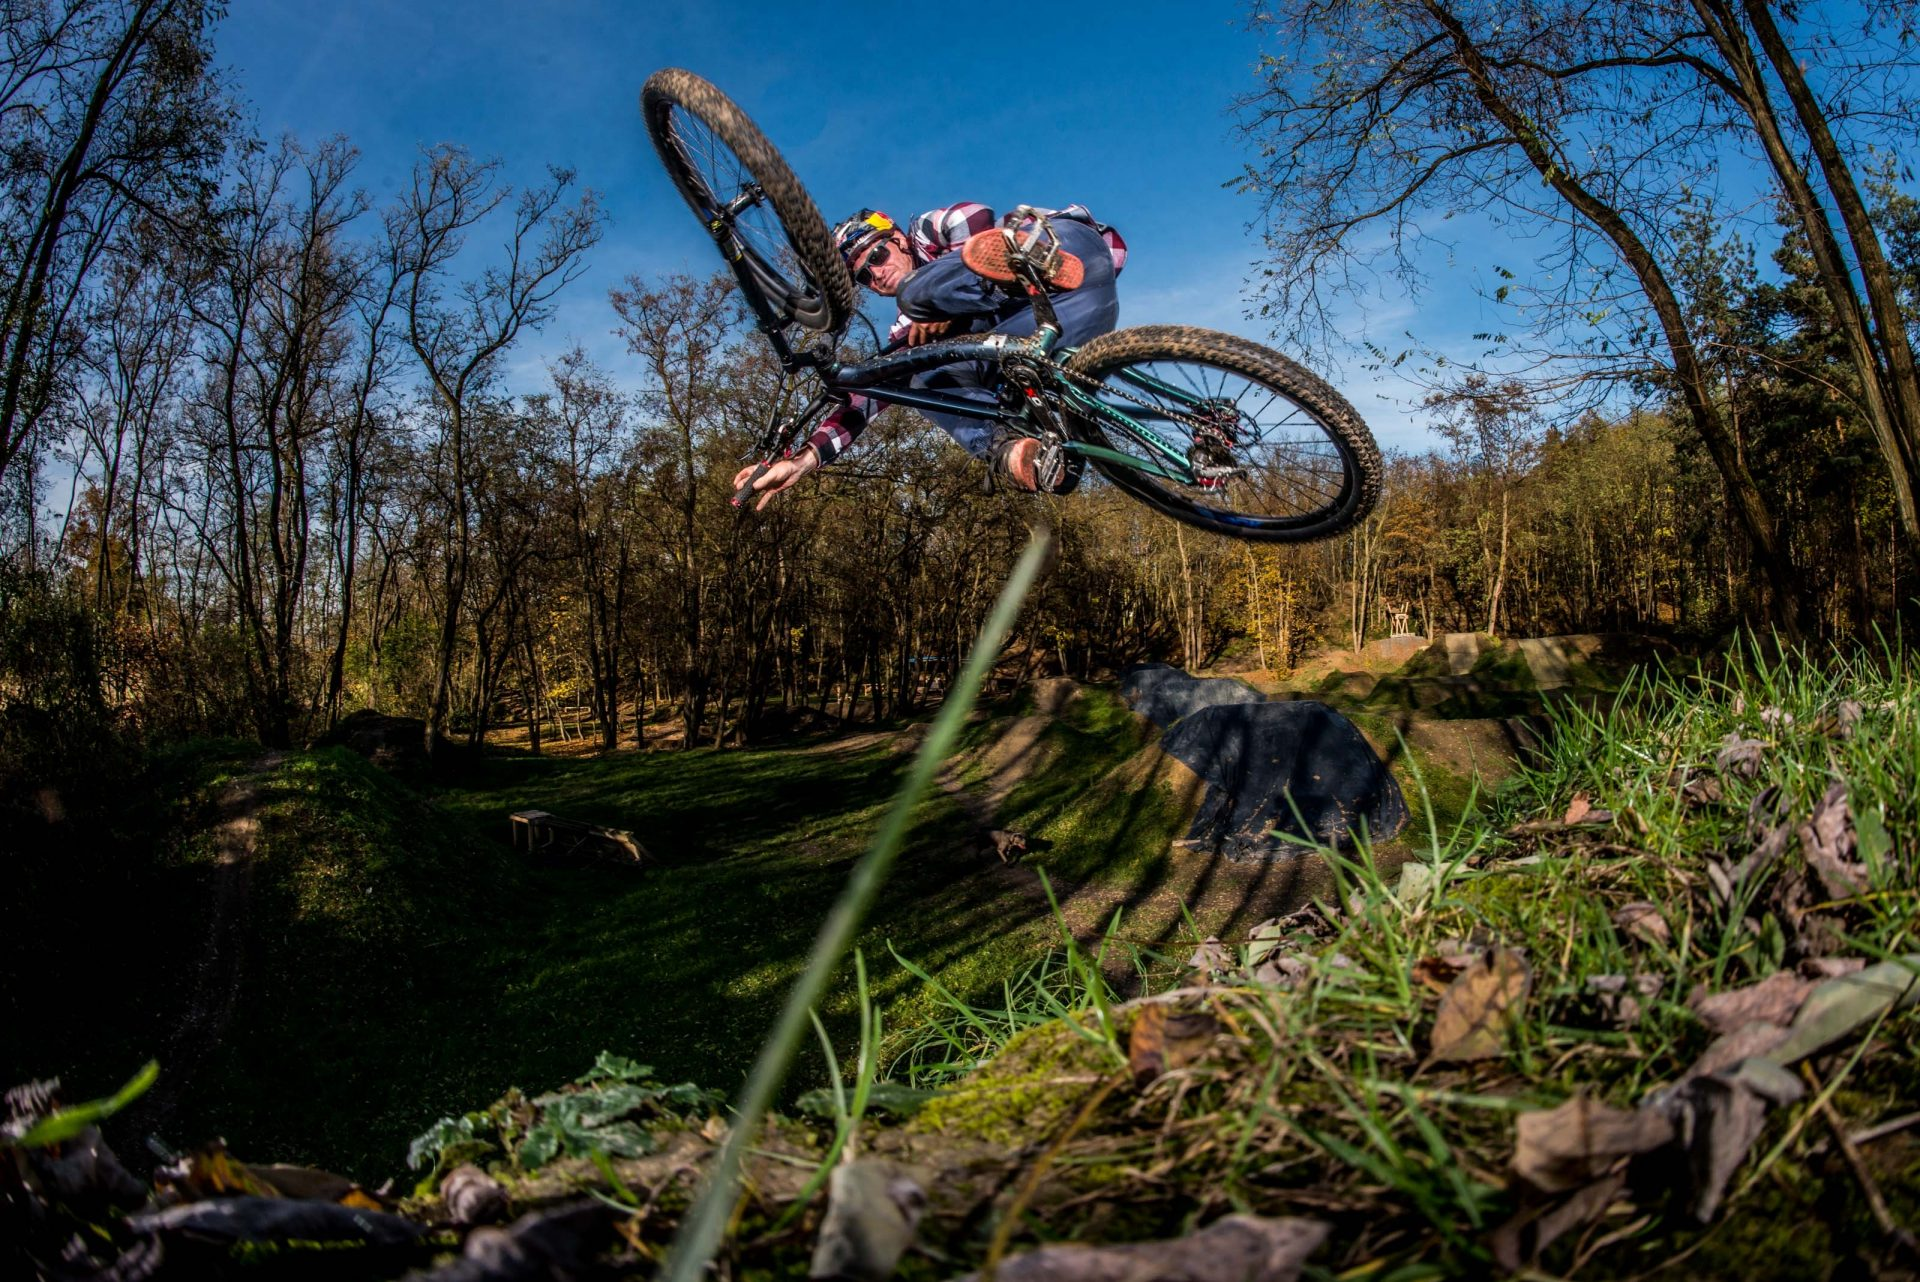 Michal Maroši při jednom z triků na kole. V sedle zažil mnoho korambolů a následně i zranění. Foto: archiv Michala Marošiho